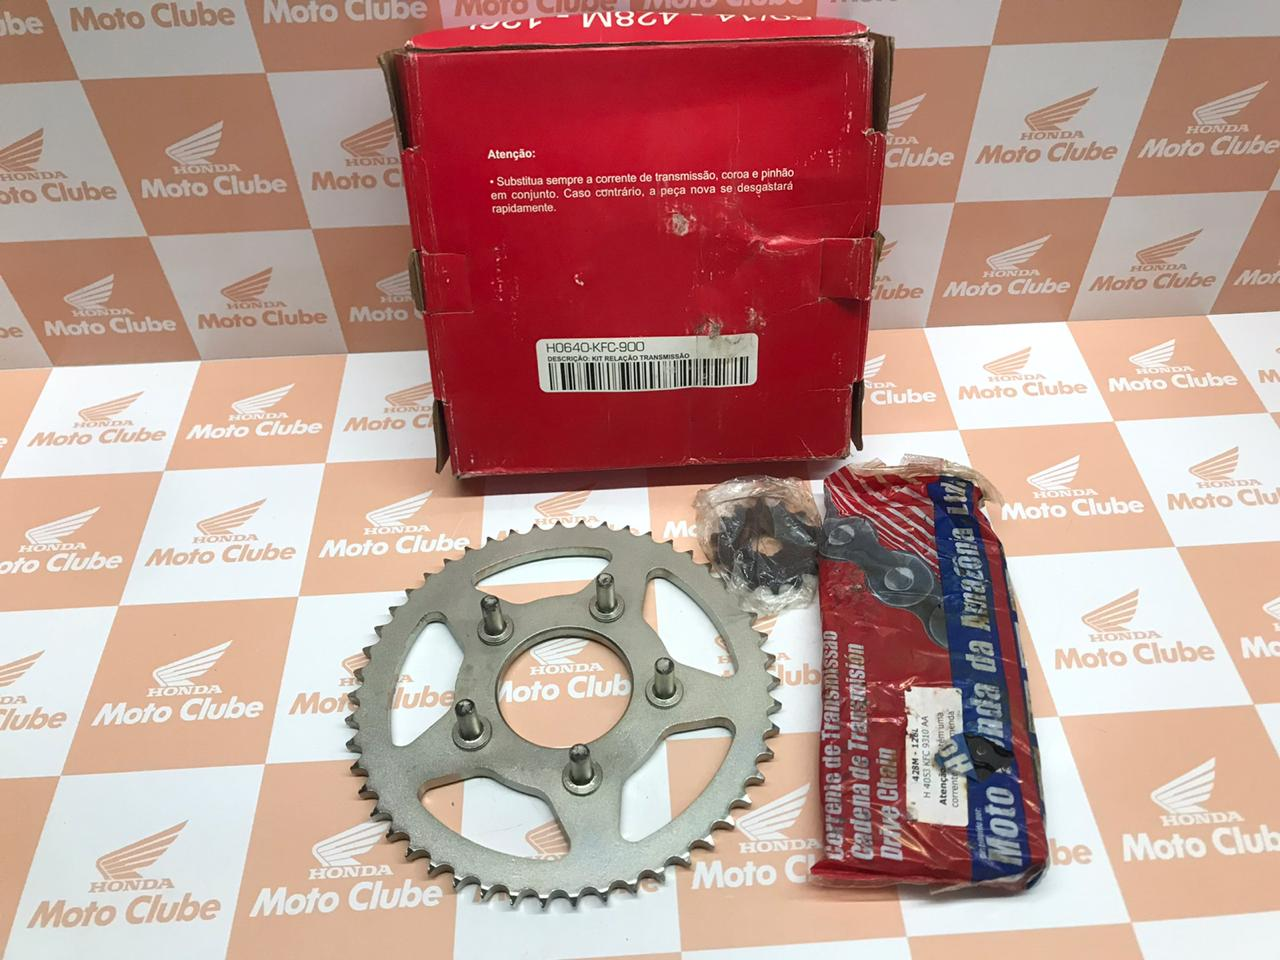 Kit Relação Transmissão XLR 125 Original Honda H0640KFC900